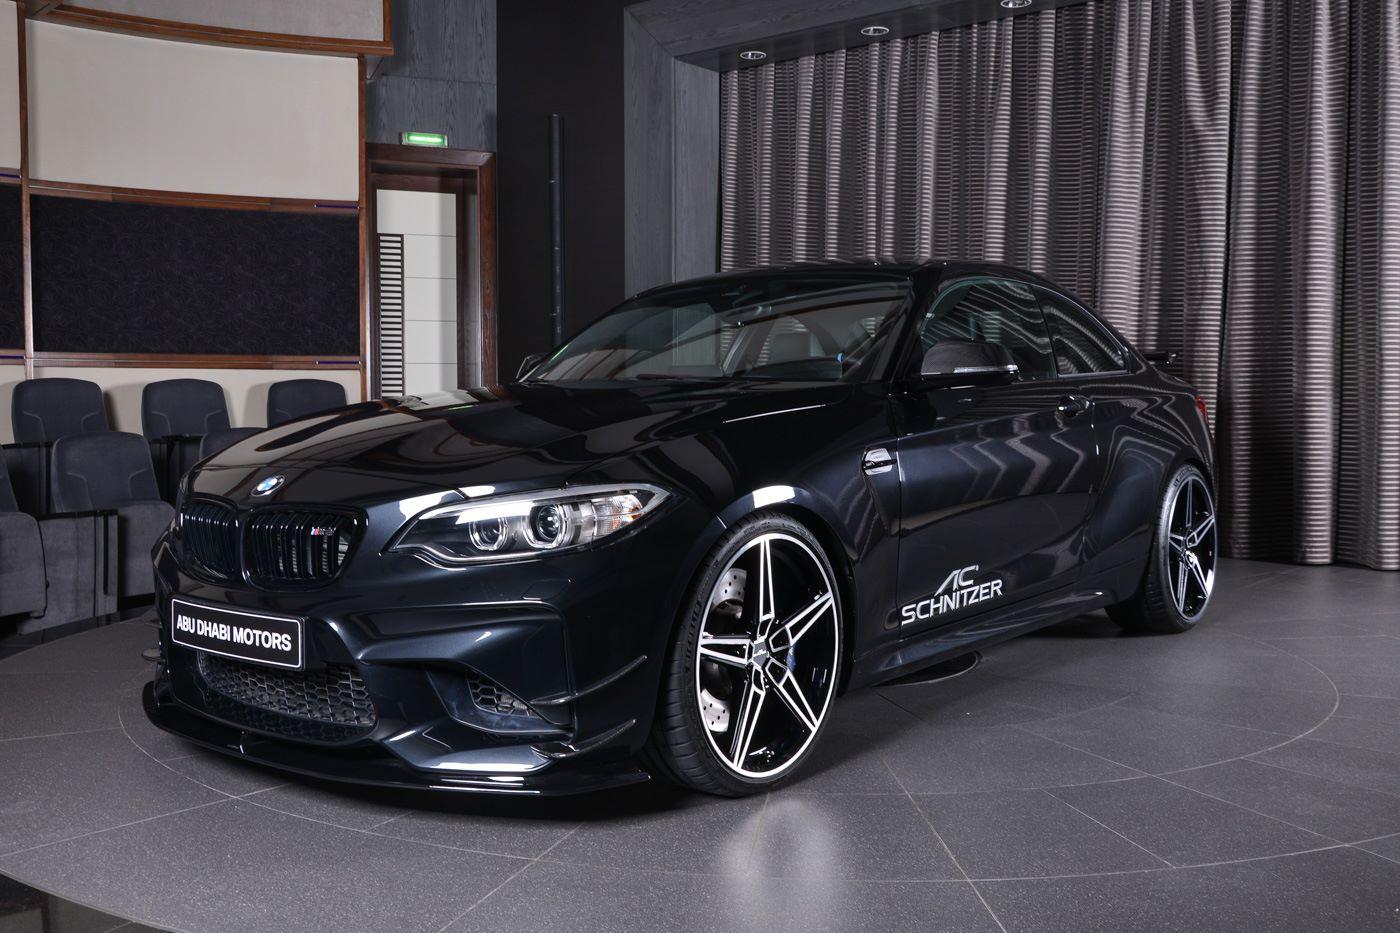 Sapphire Black BMW M Gets AC Schnitzer Kit In Abu Dhabi Autoevolution - Schnitzer